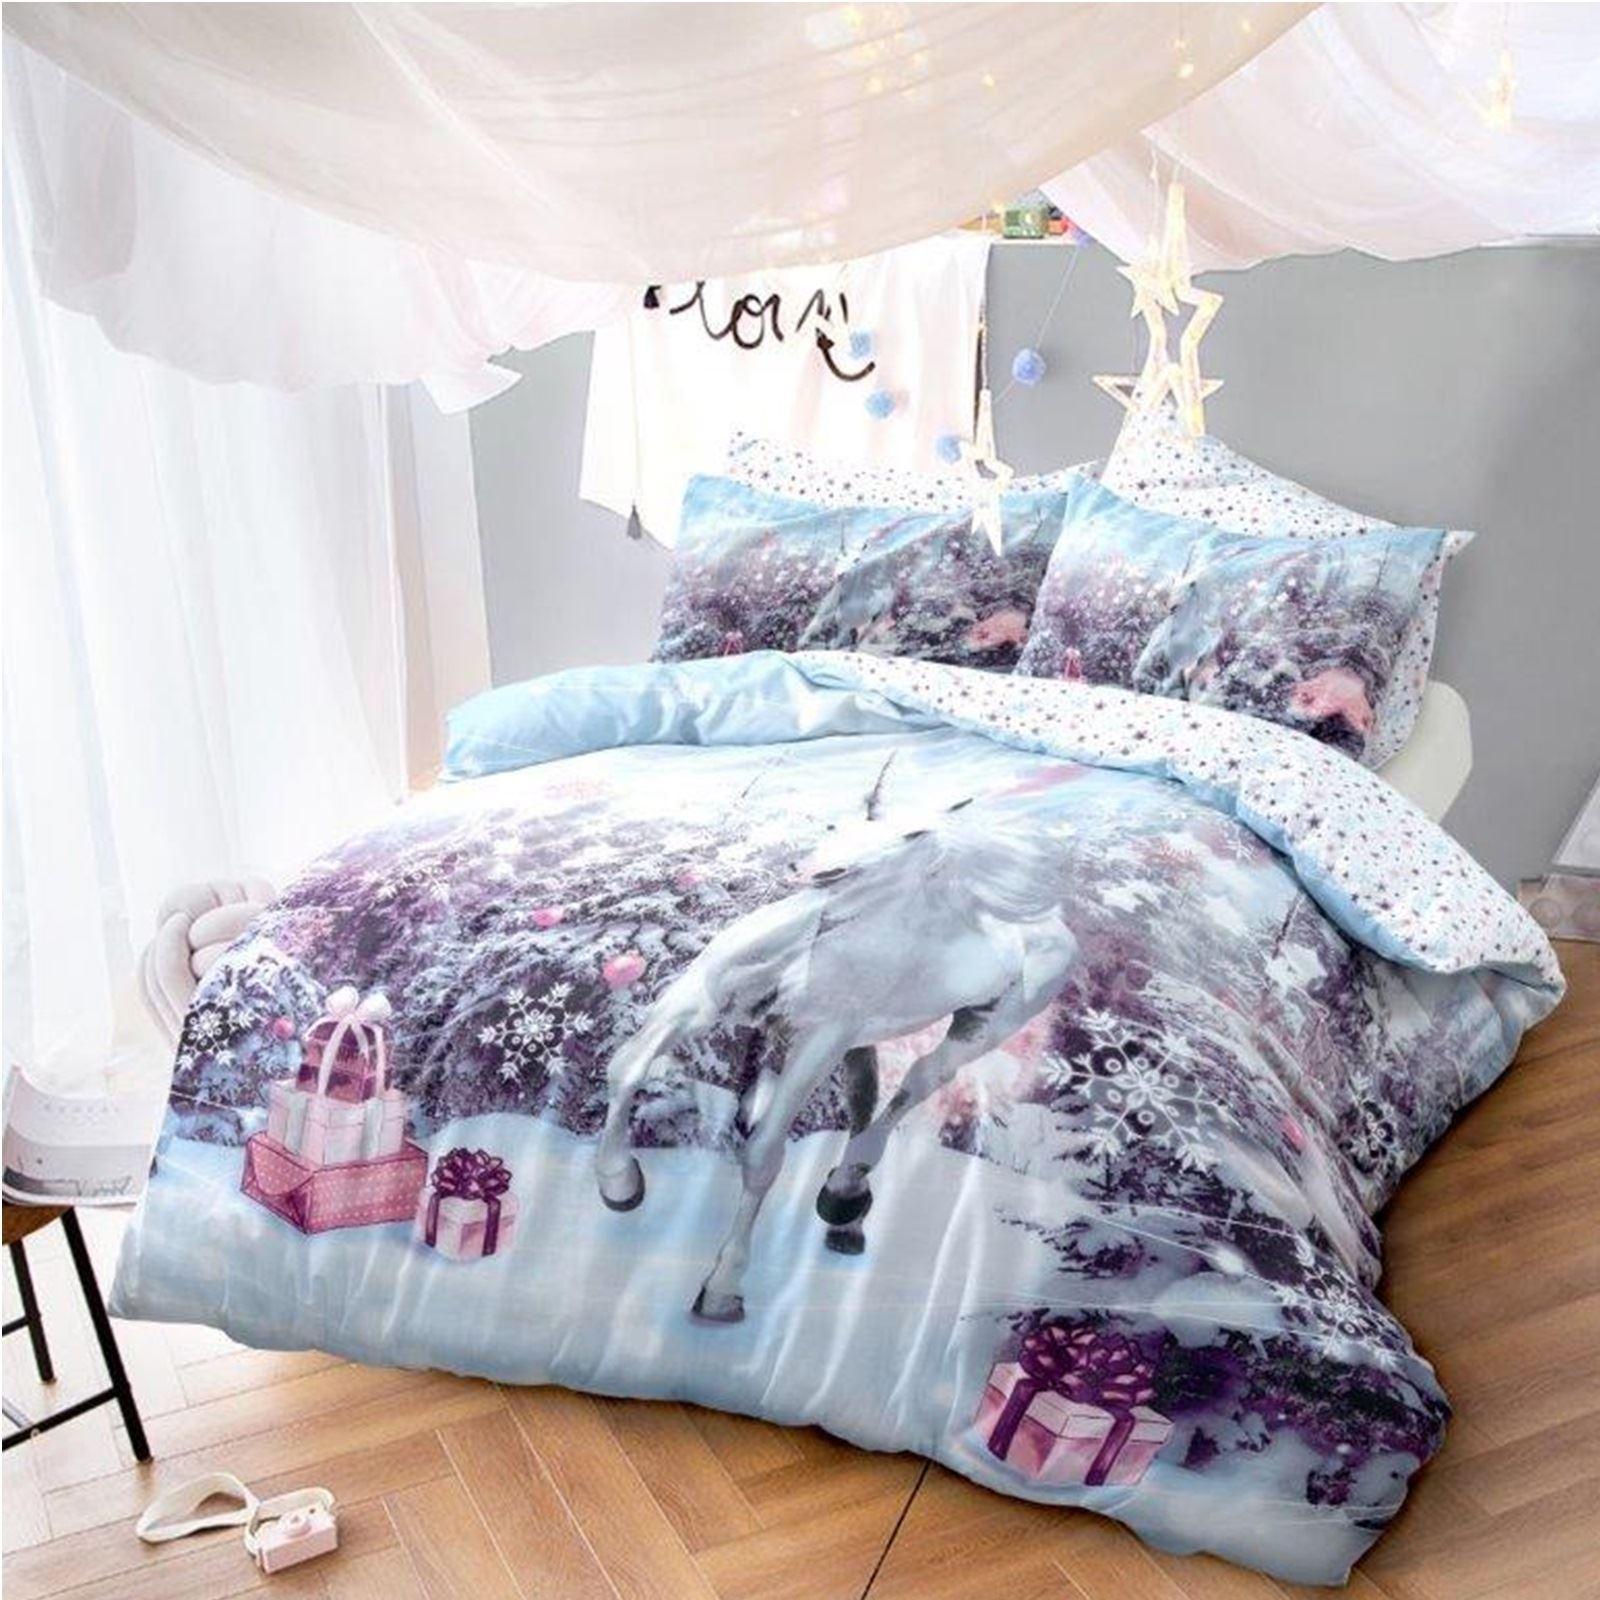 Full Size of Luxus Einhorn Weihnachten Bettwsche Set Bett Festive Konfigurieren Kopfteile Für Betten Köln 120x200 90x200 Mit Lattenrost 140x200 Weißes 160x200 Bett Luxus Bett